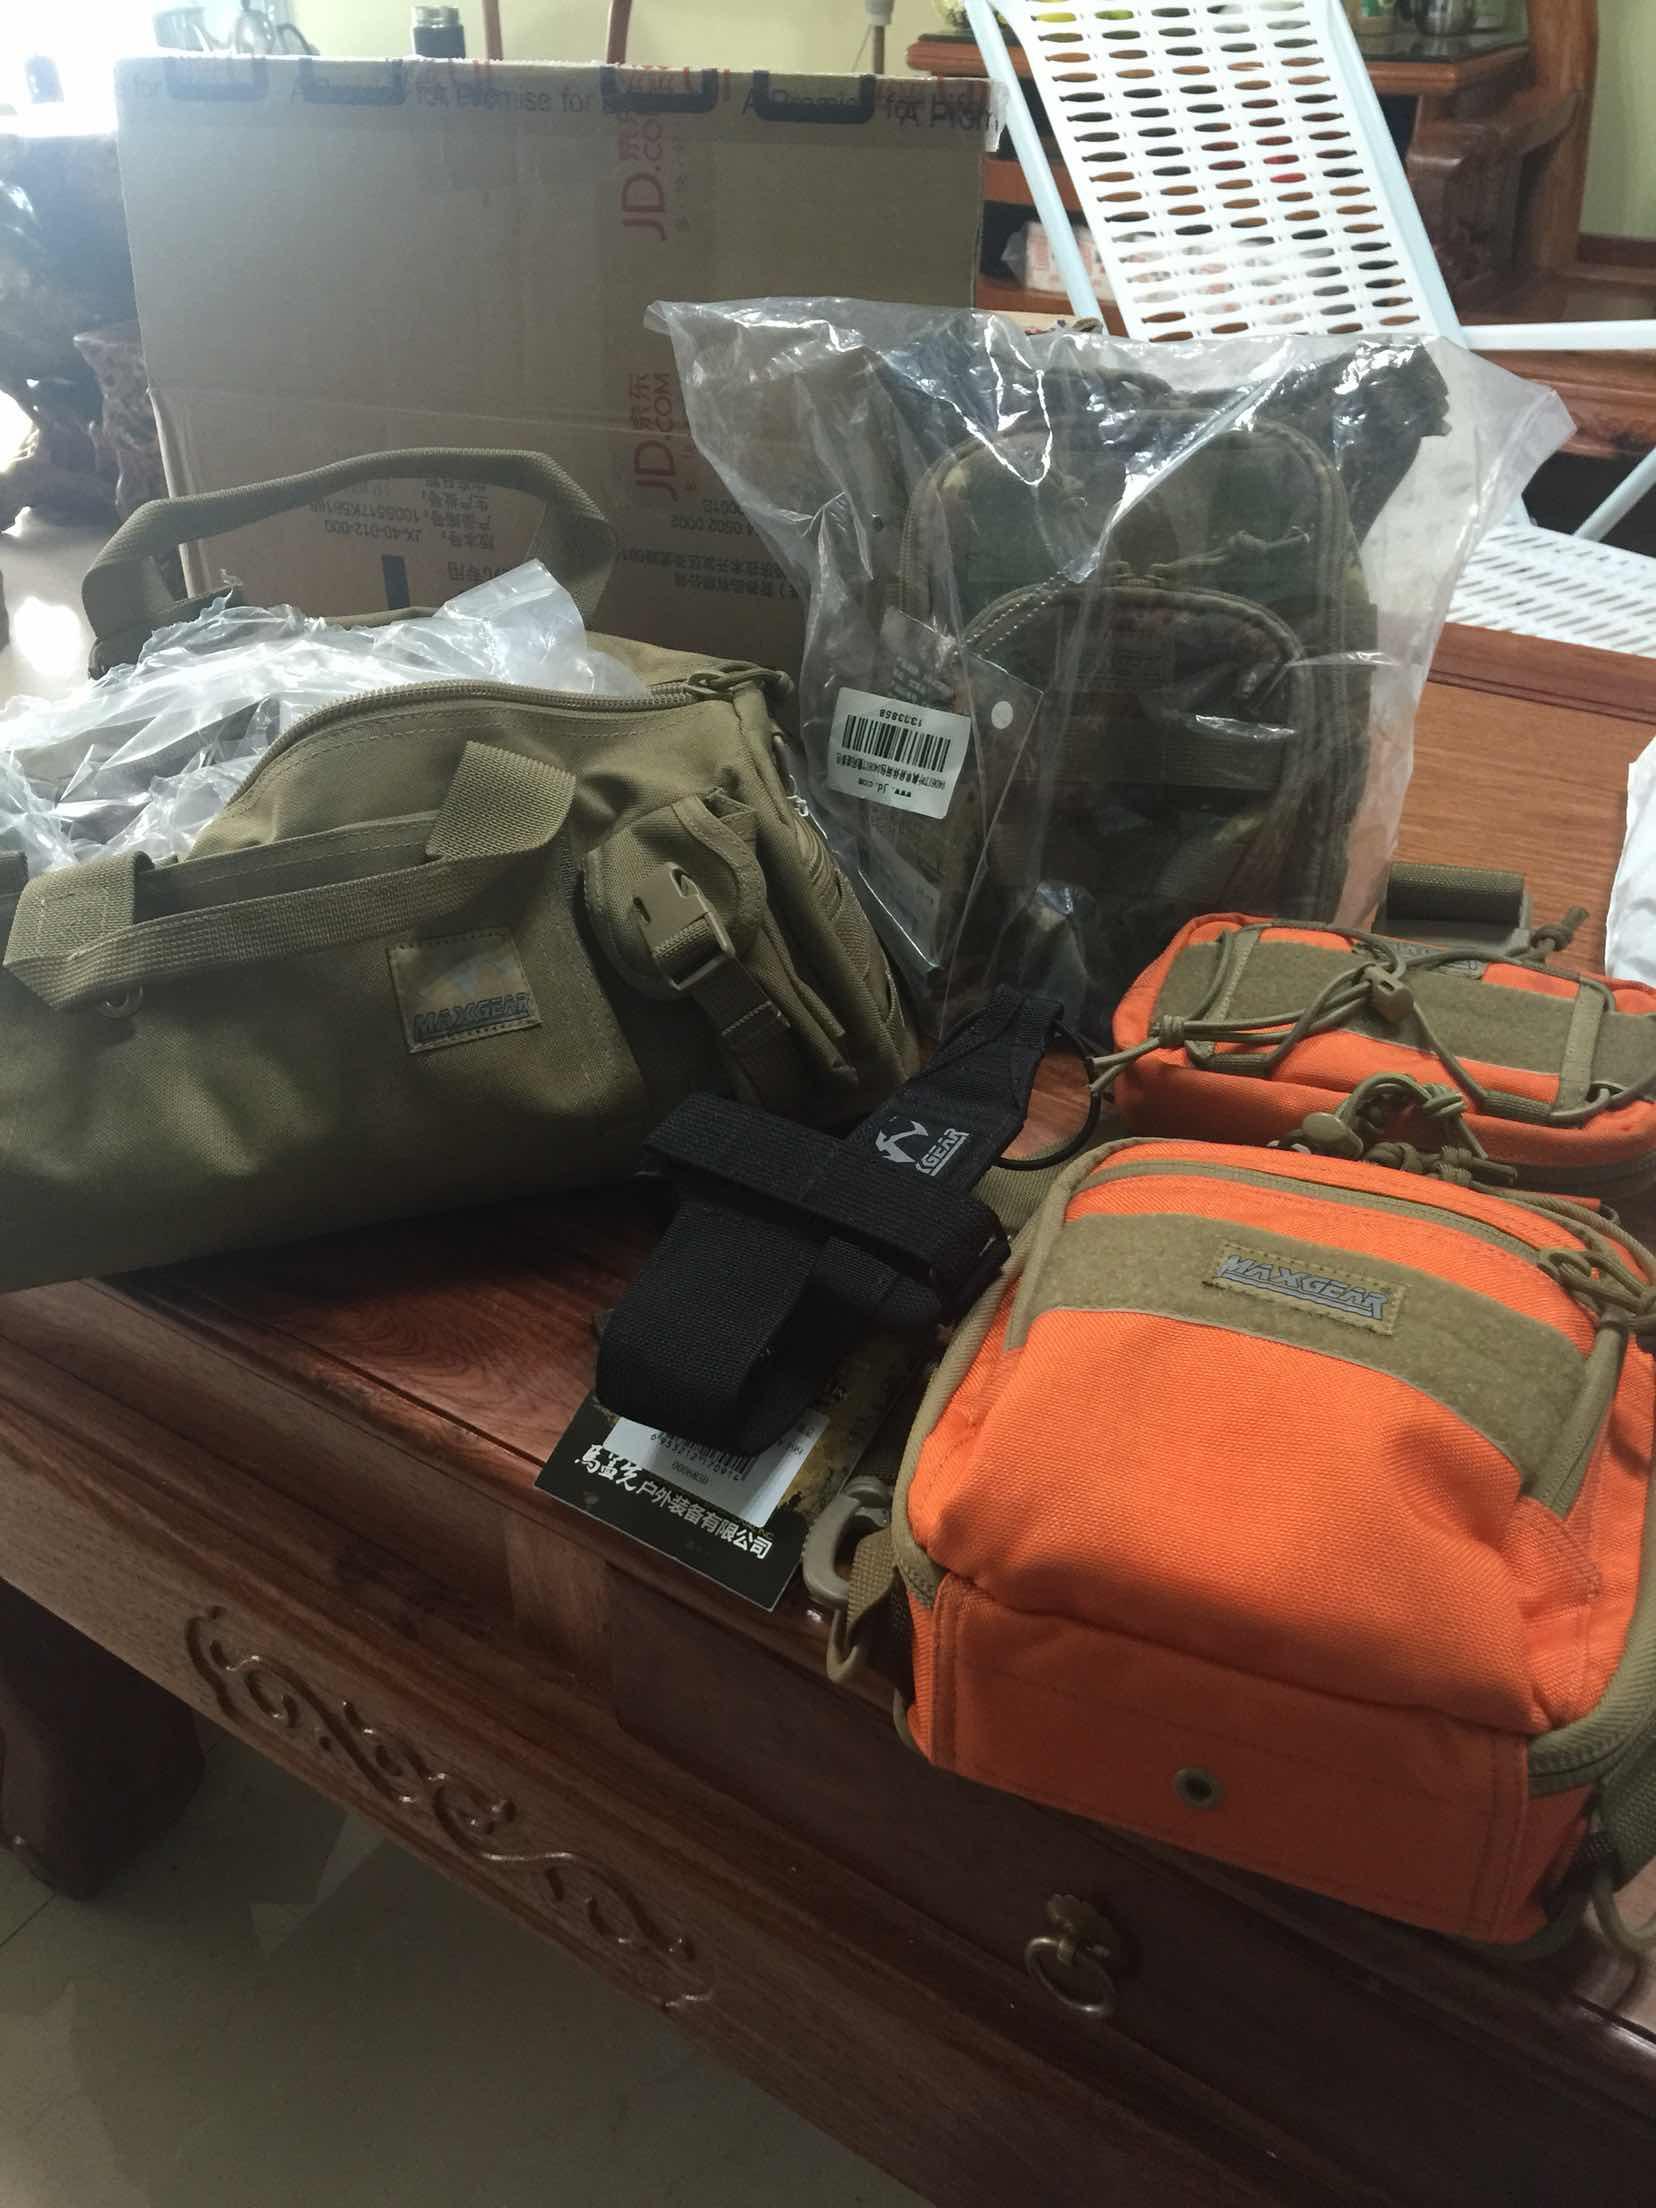 frey wille online shop deutschland 00972738 bags